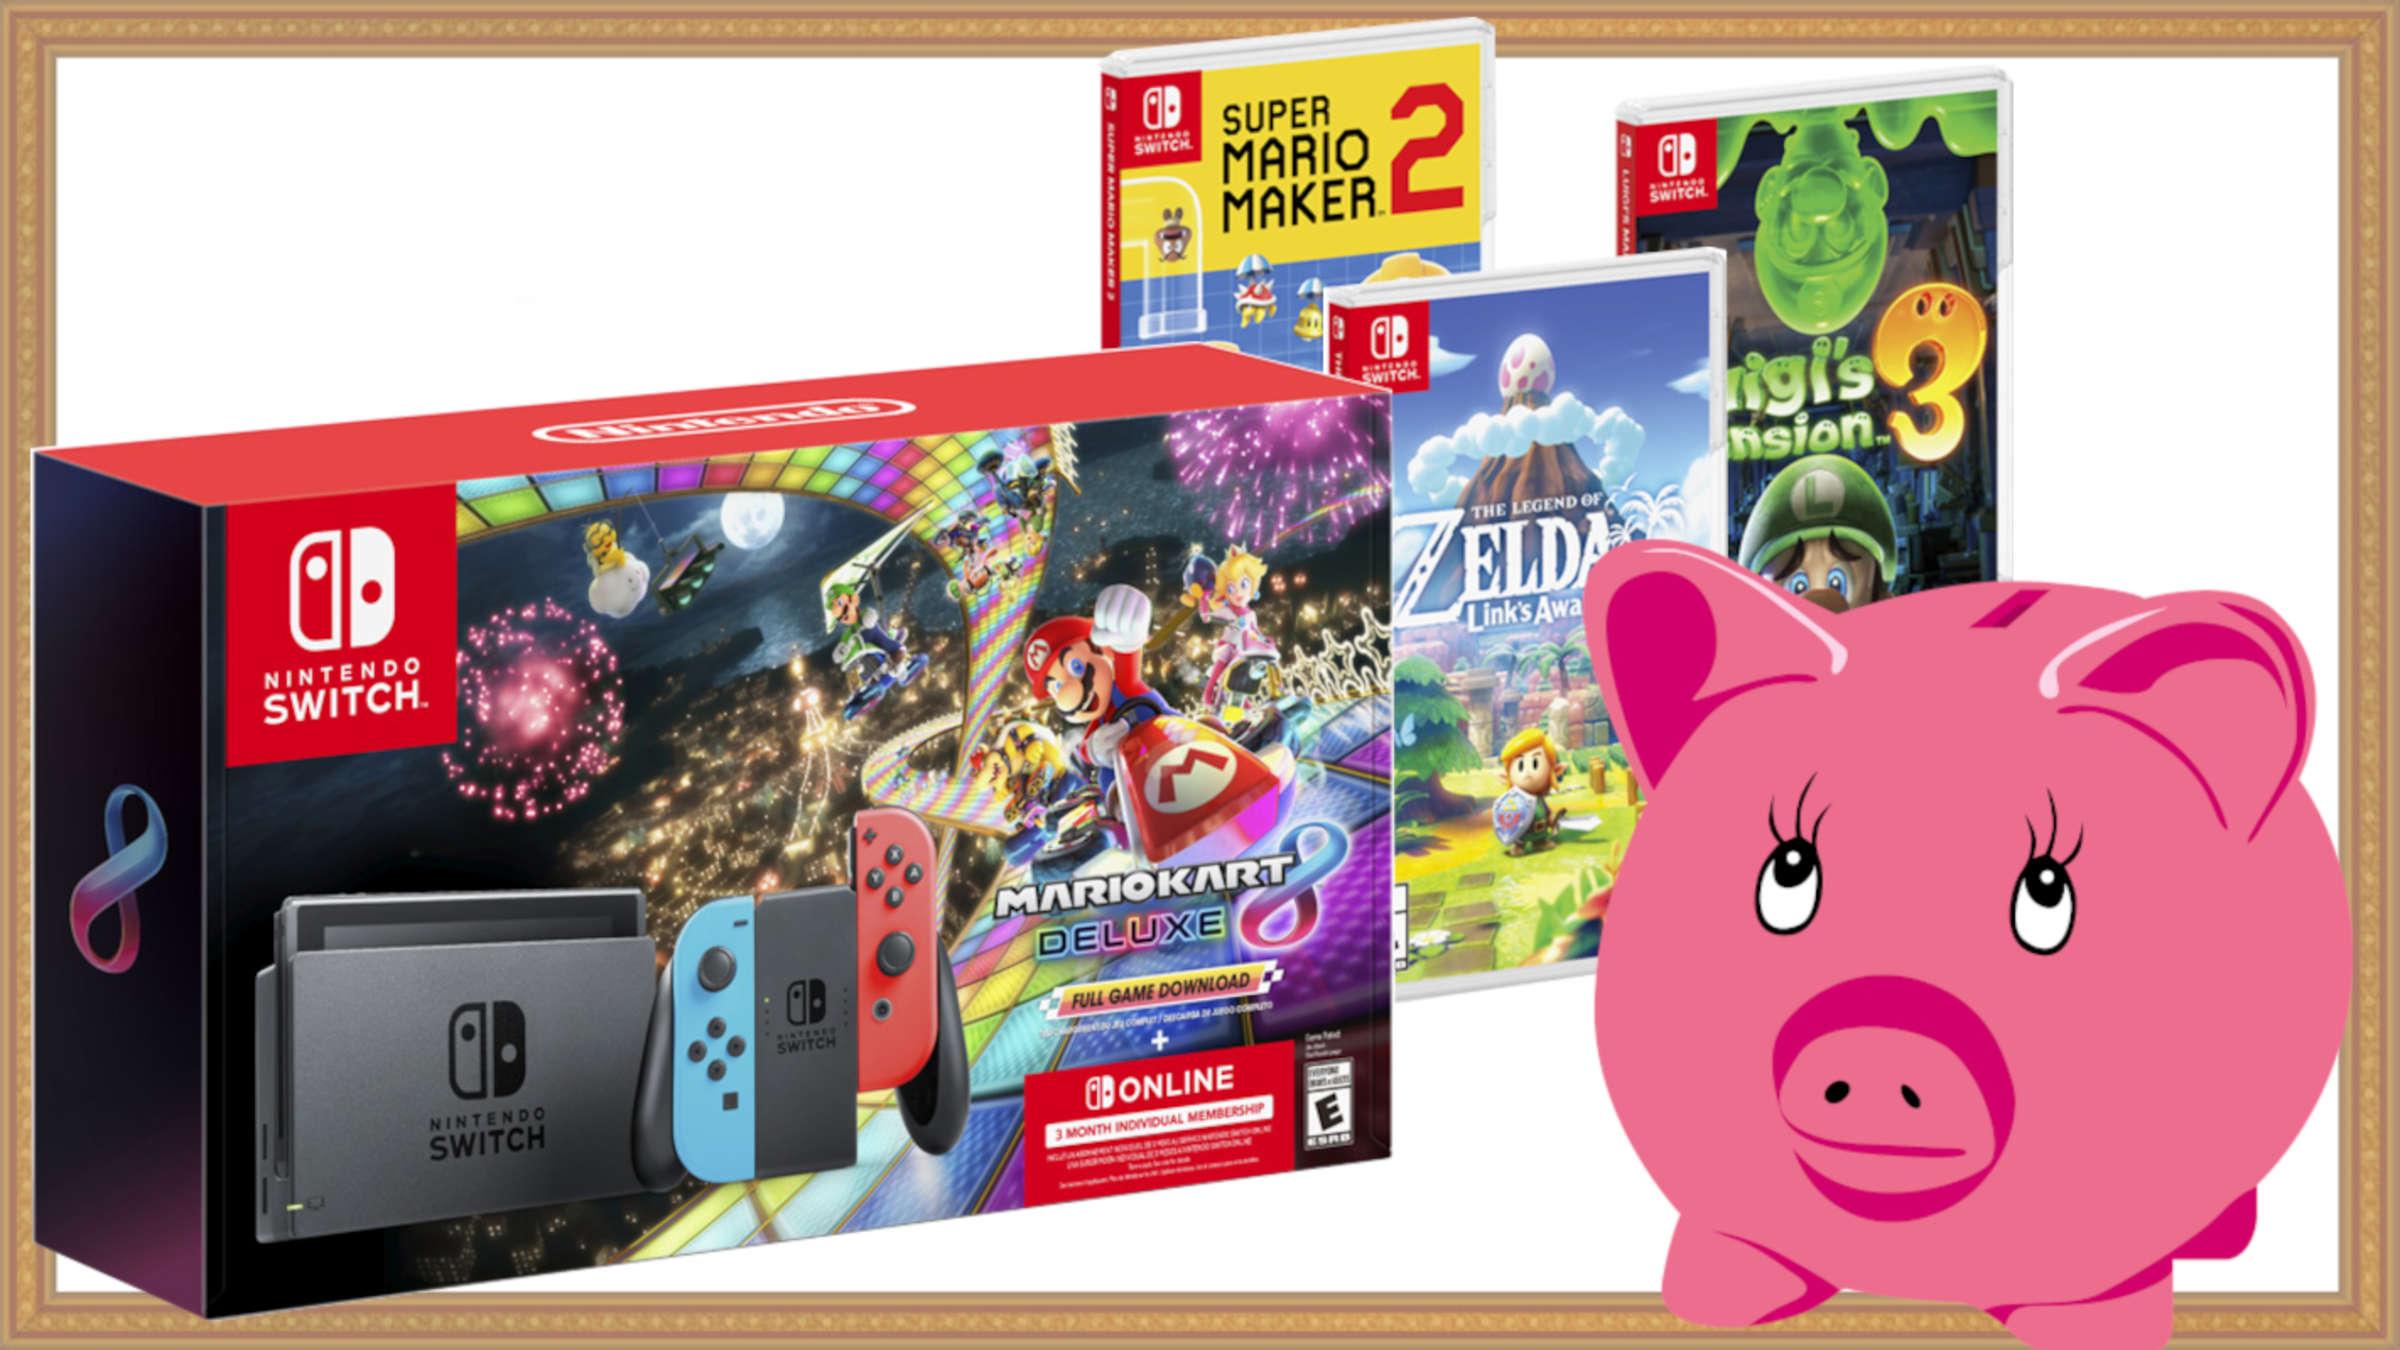 Nintendo Switch Fette Black Friday Deals Mit Konsole Zuschlagen Lohnt Sich News